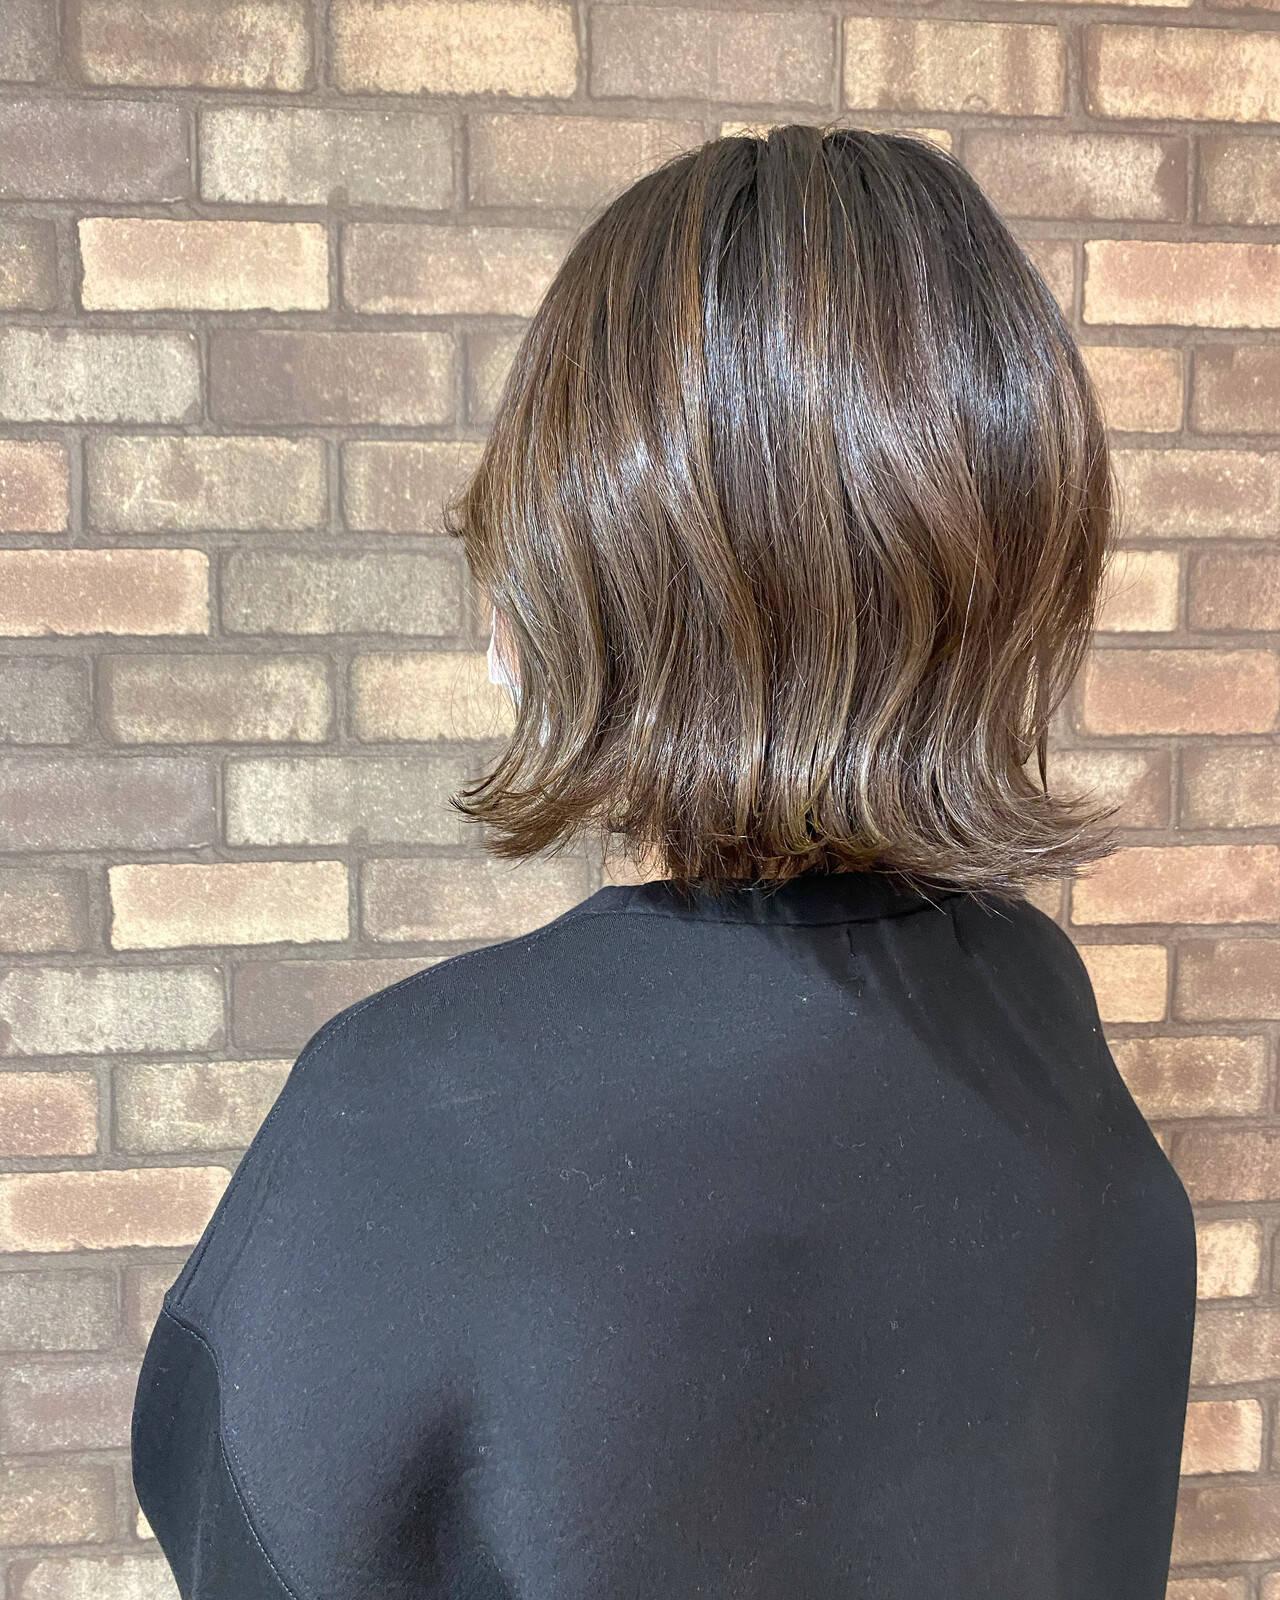 ナチュラル ナチュラルグラデーション イルミナカラー 切りっぱなしボブヘアスタイルや髪型の写真・画像